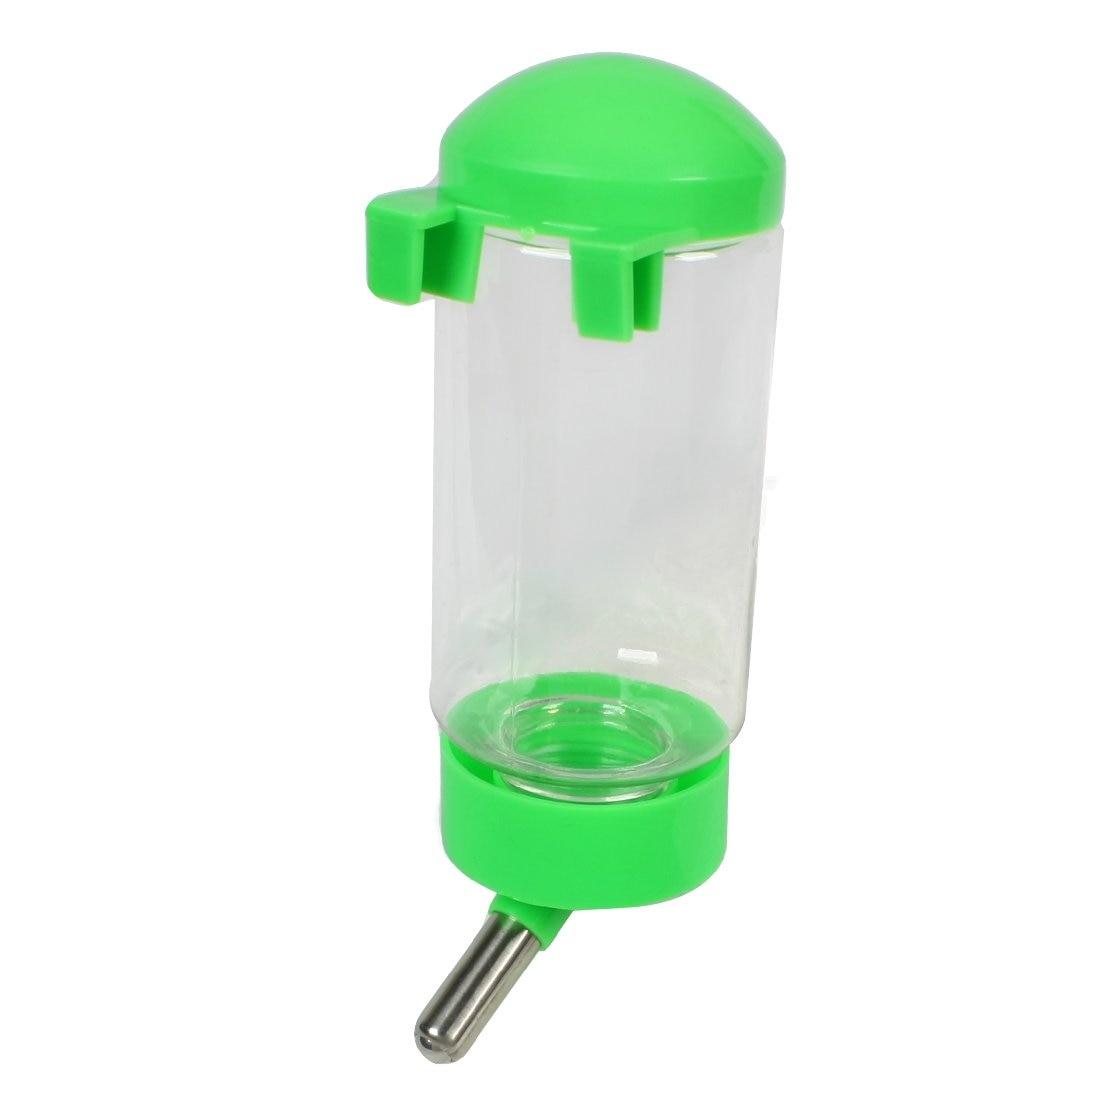 Горячая собачка, собака висячая бутылка для воды дозатор для домашних животных зеленый прозрачный 300 мл